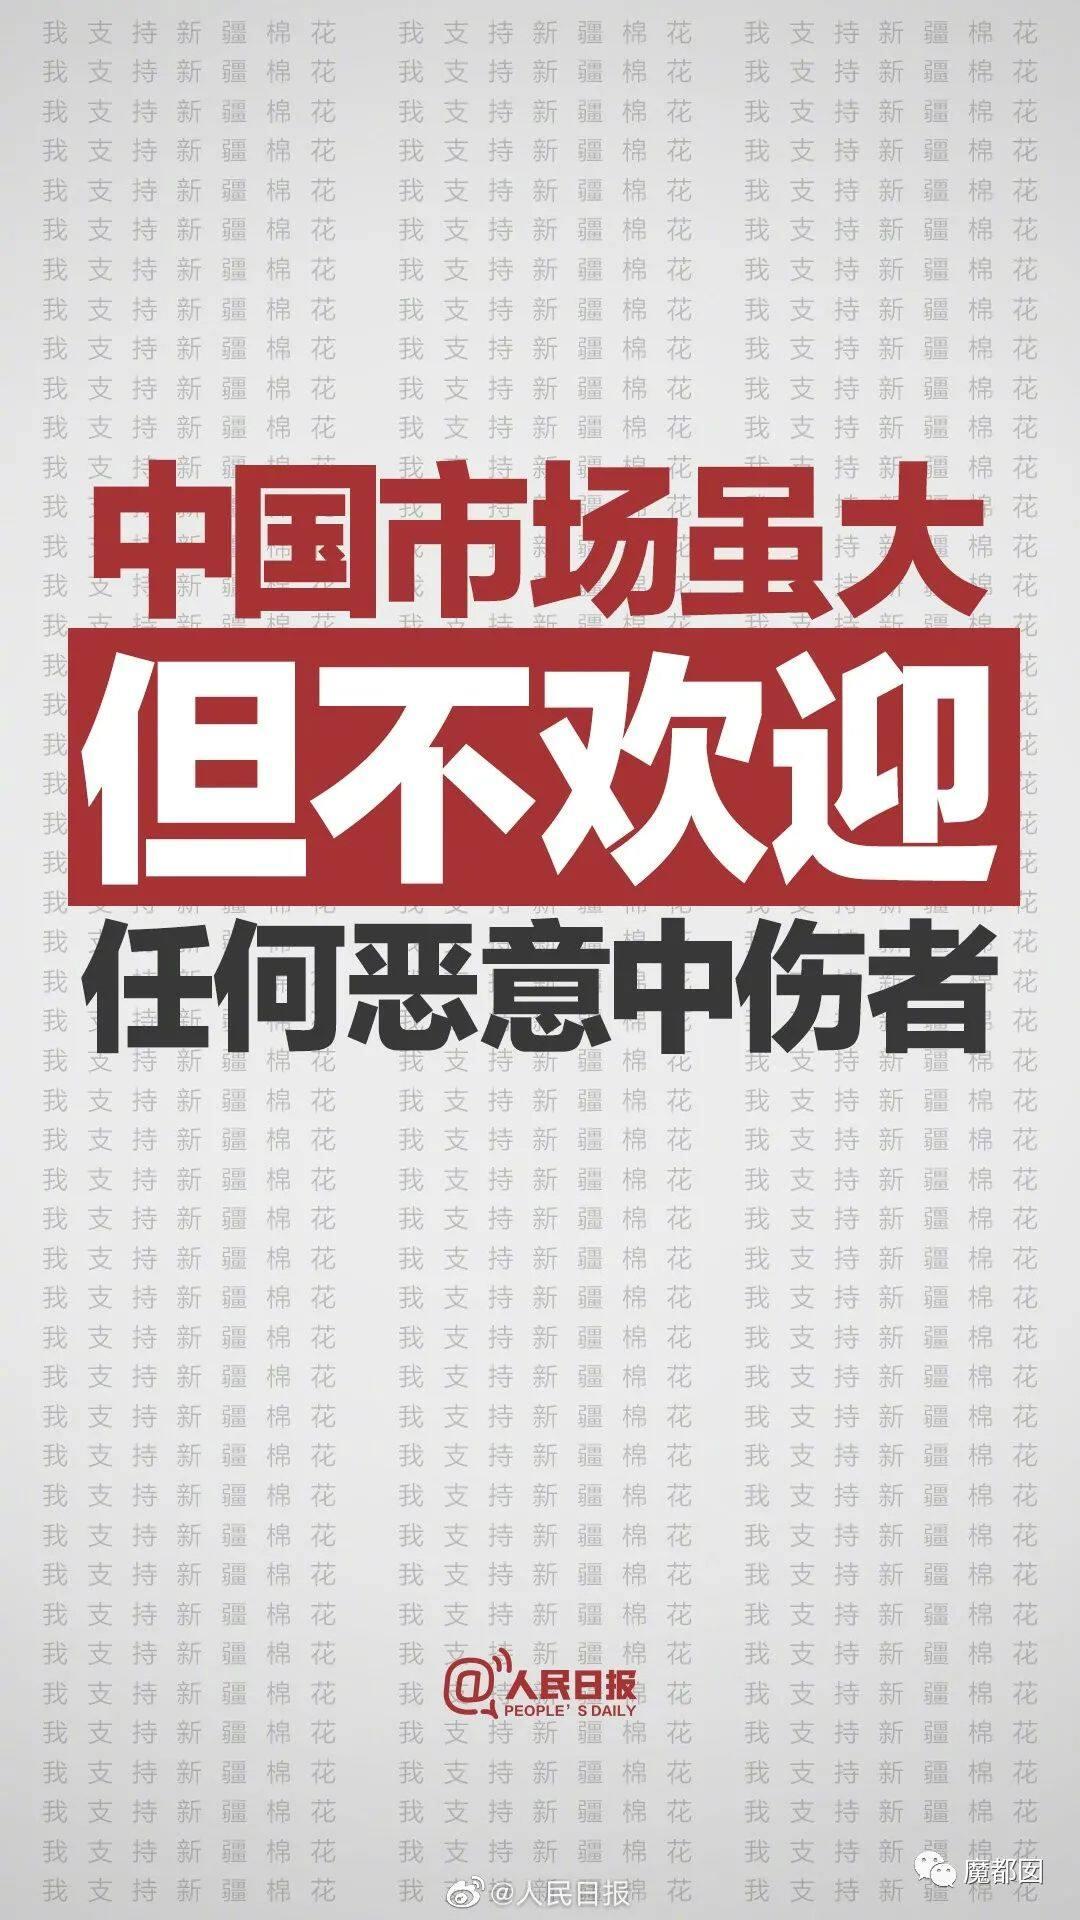 禁用新疆棉花,干涩中国内政,HM、优衣库、ZARA、耐克、阿迪达斯等引公愤105